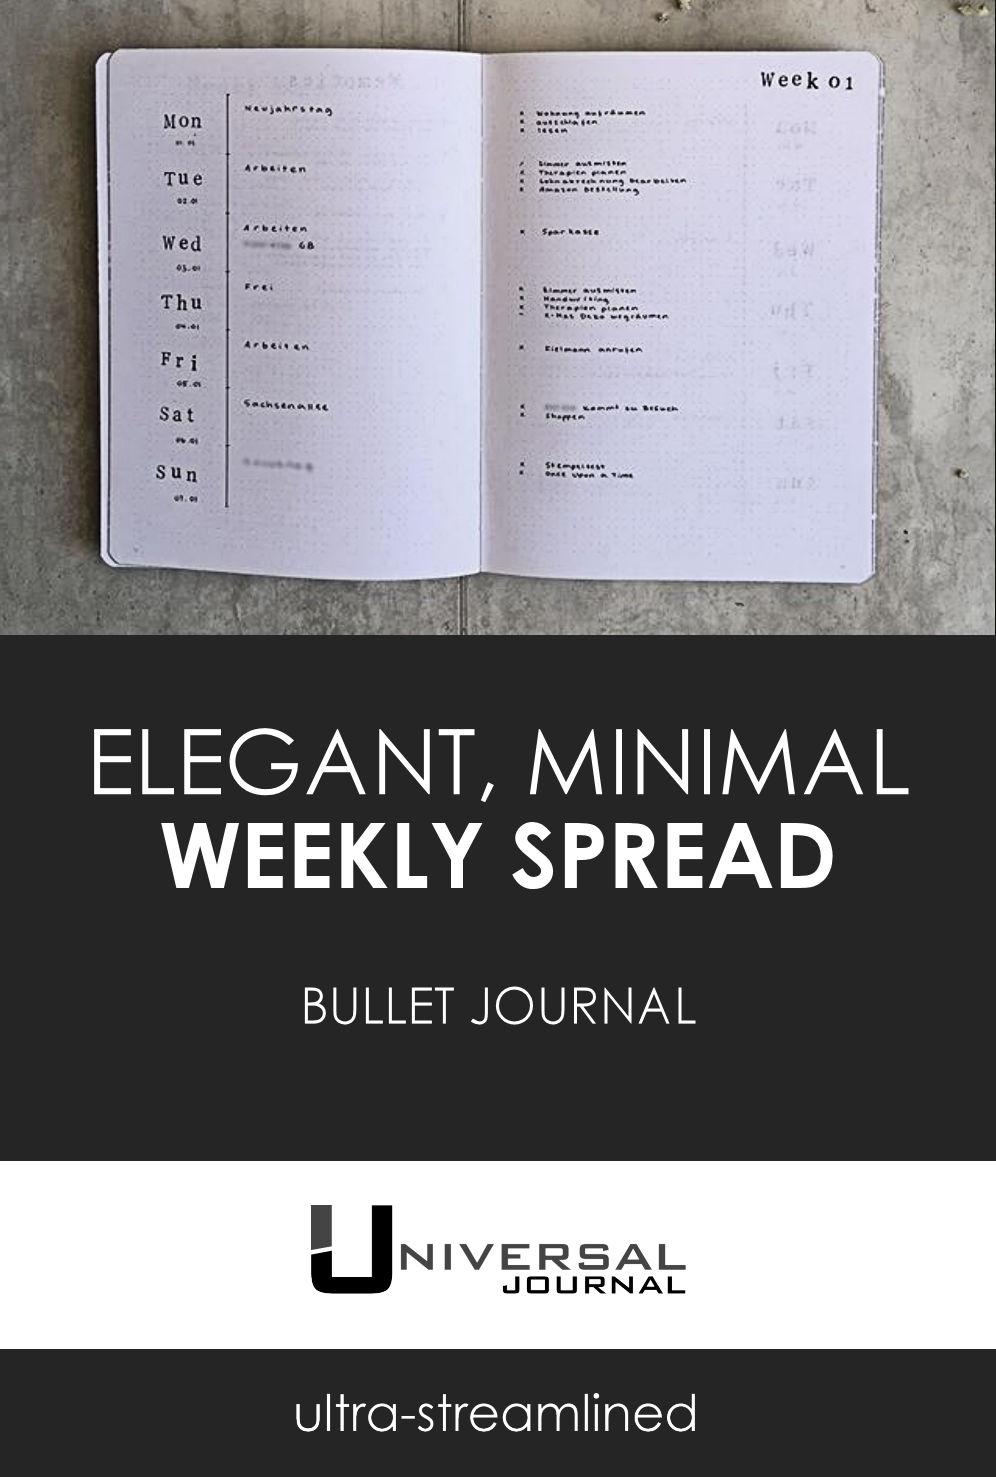 bullet journal weekly spread minimalist elegant